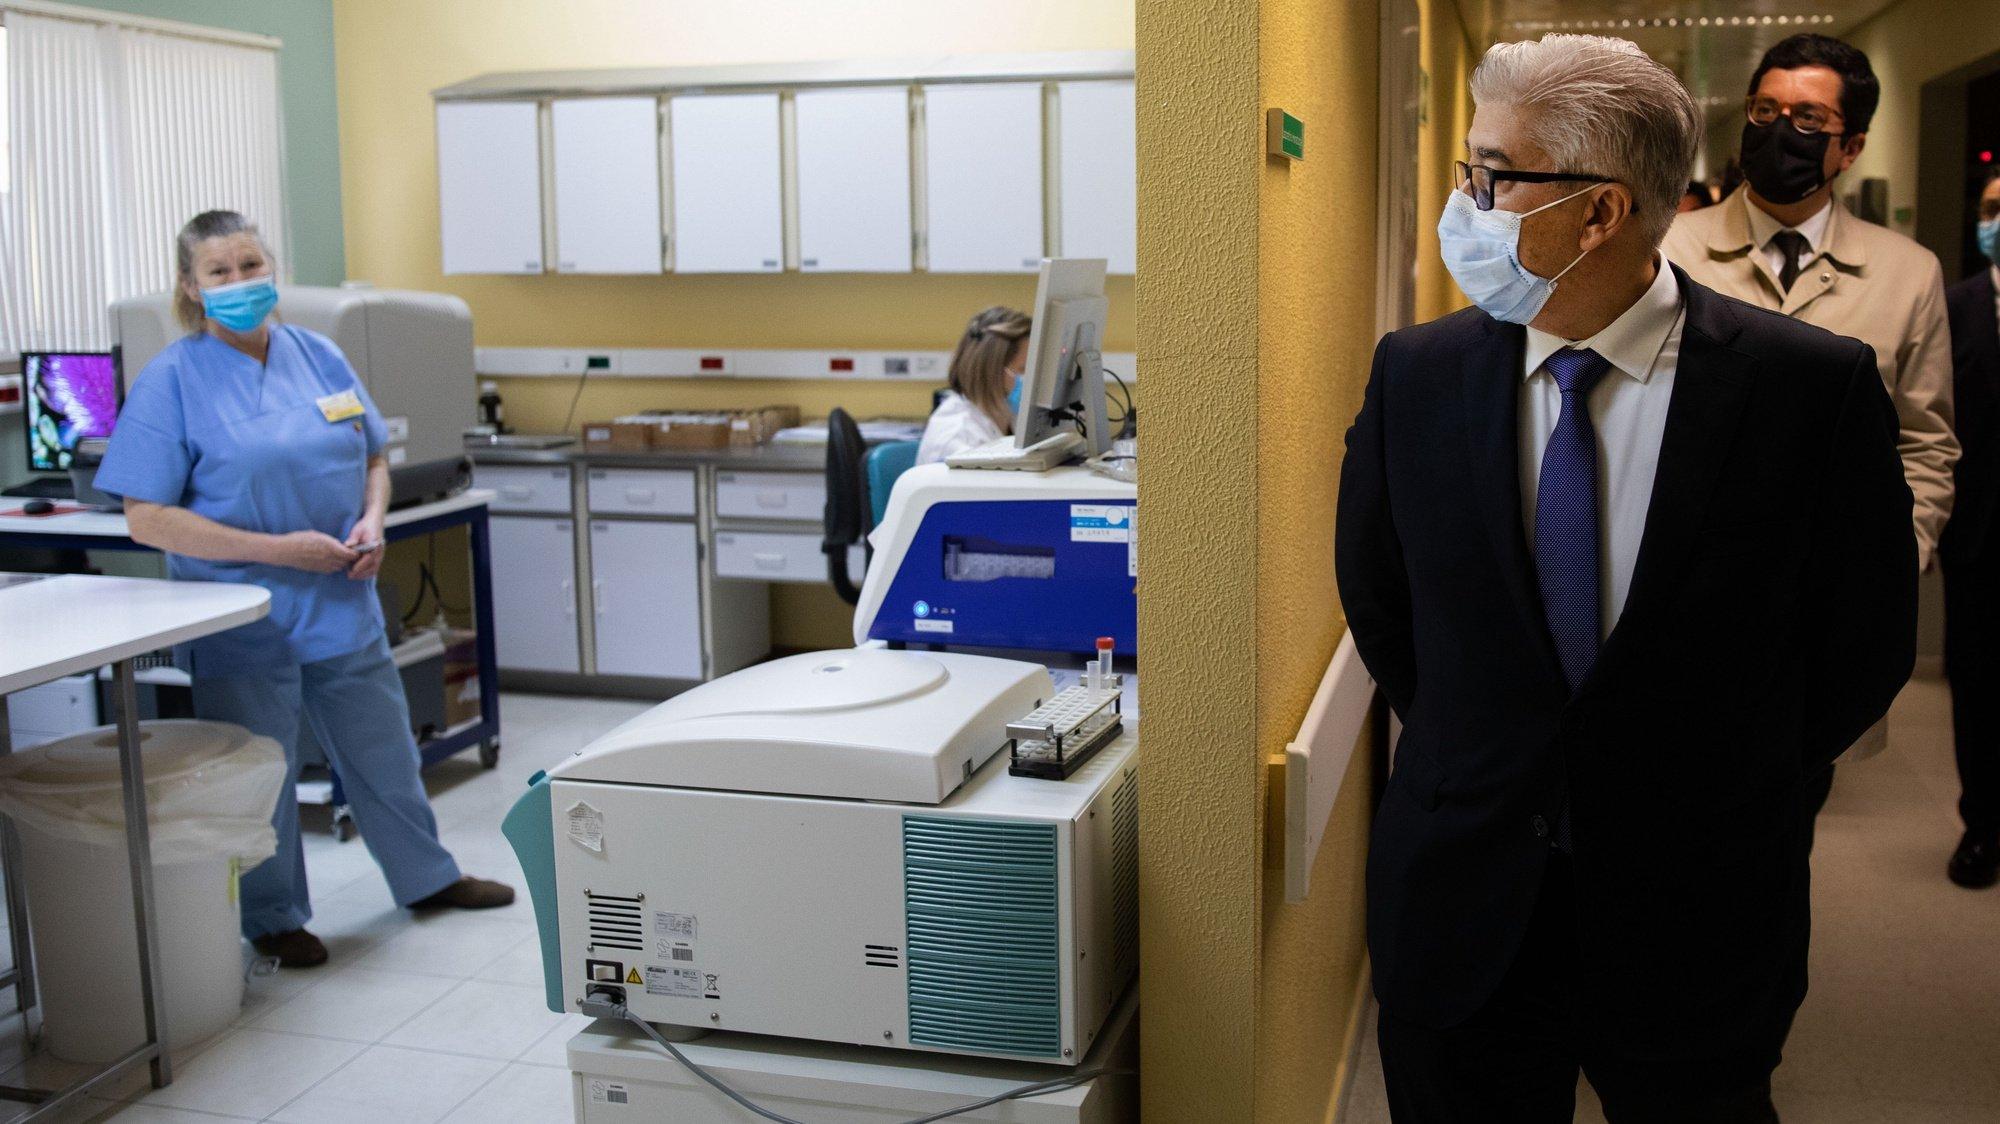 O secretário de Estado Adjunto e da Saúde, António Lacerda Sales, visita o Hospital Santo André no âmbito do acompanhamento da situação epidemiológica e resposta à pandemia de covid-19 no distrito de Leiria, 14 de dezembro de 2020. PAULO CUNHA/LUSA